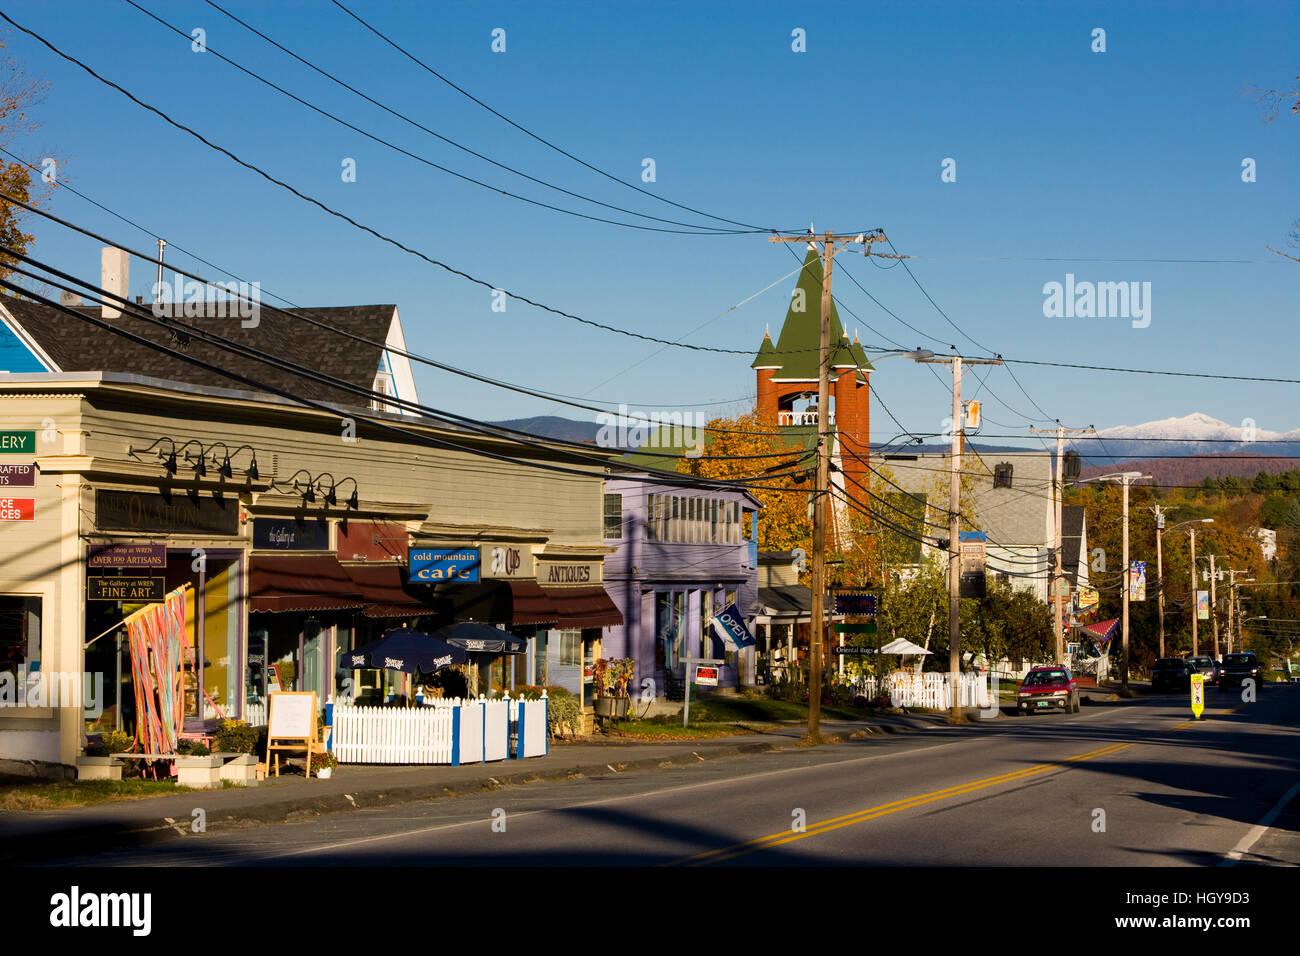 No 302 Stock Photos & No 302 Stock Images - Alamy